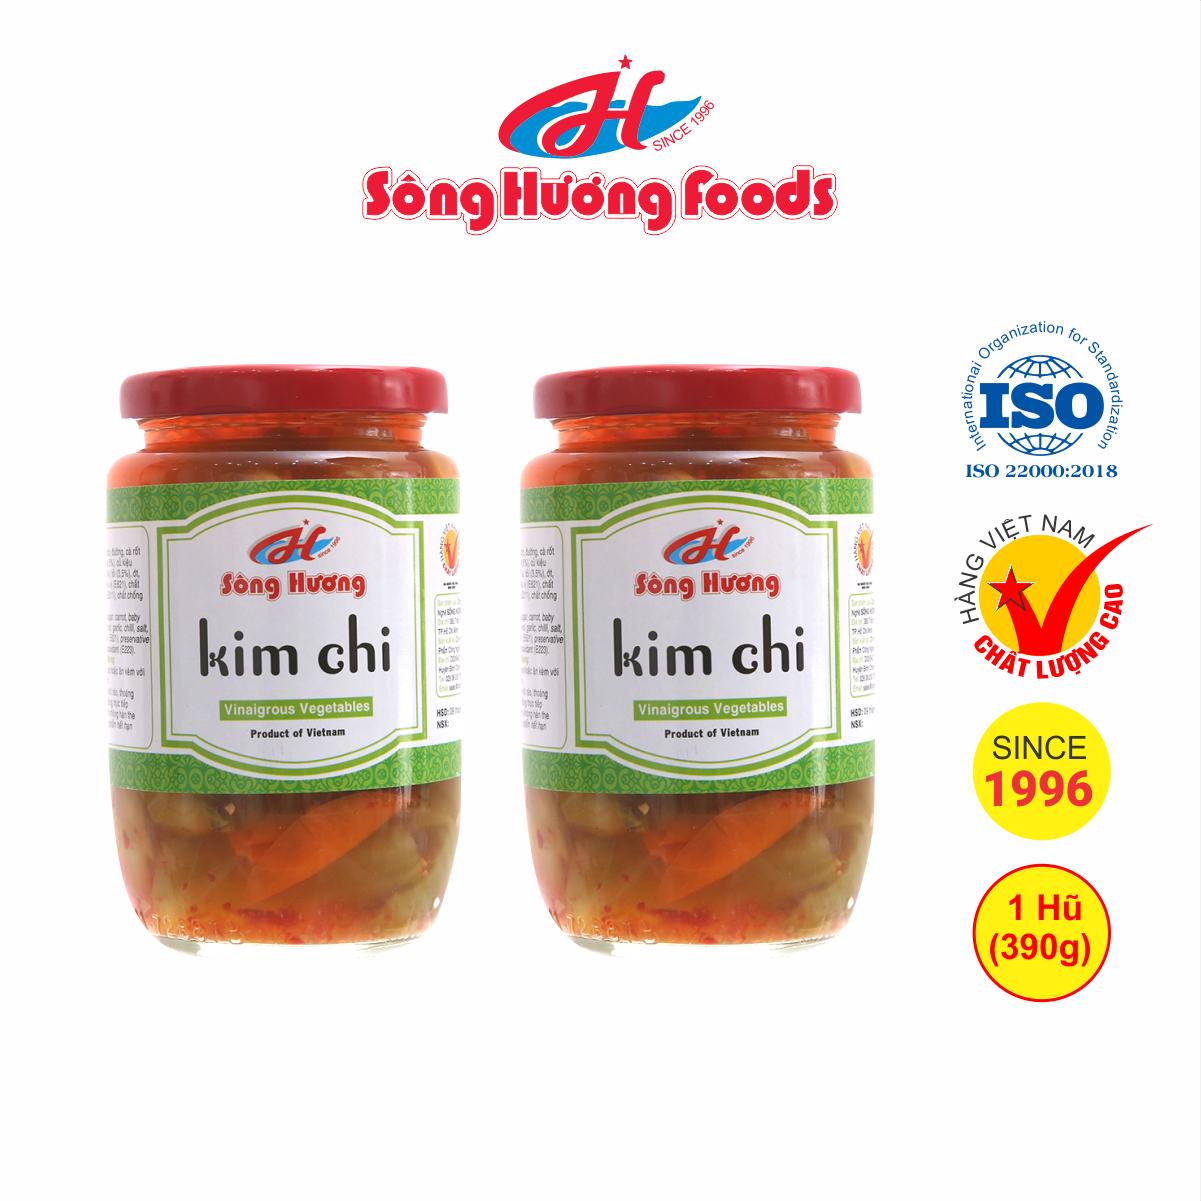 2 Hũ kim chi Sông Hương Foods hũ 390g